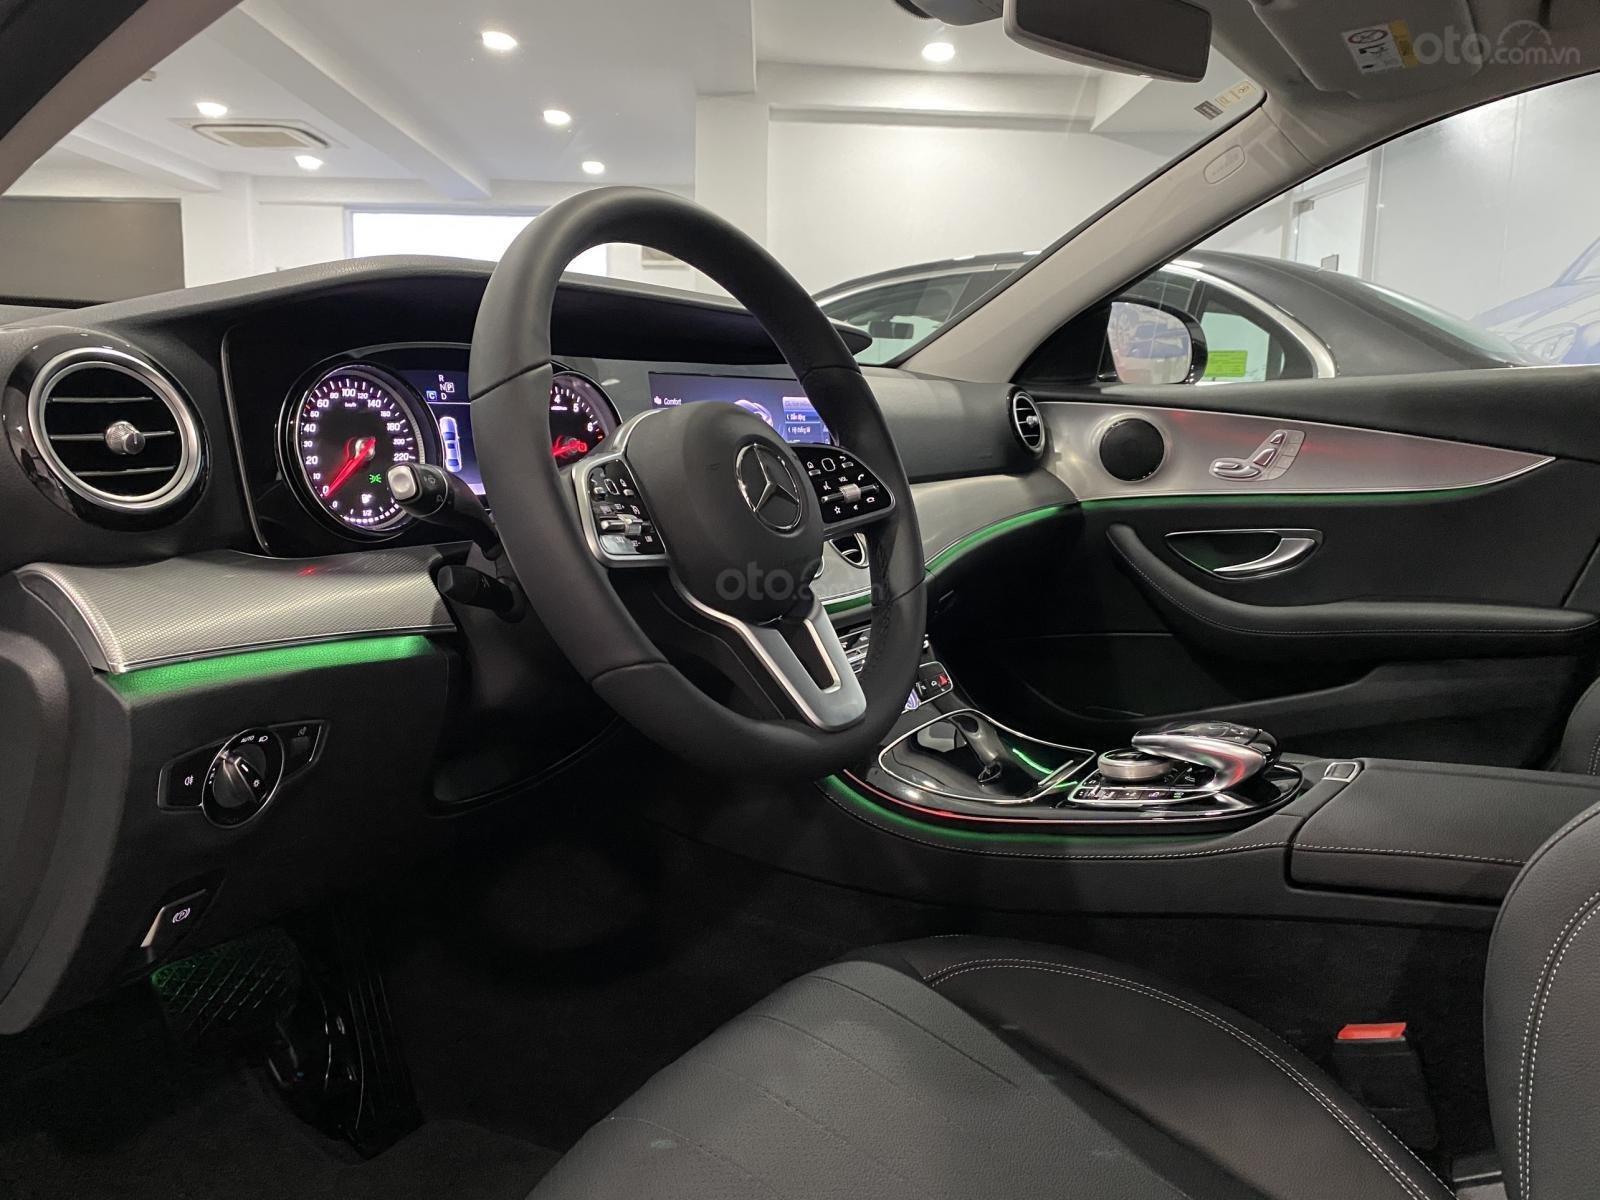 Mercedes Benz Haxaco Điện Biên Phủ, Mercedes E180 - giảm 100 triệu đến tháng 2, trả góp 80% - xe đủ màu giao ngay (8)